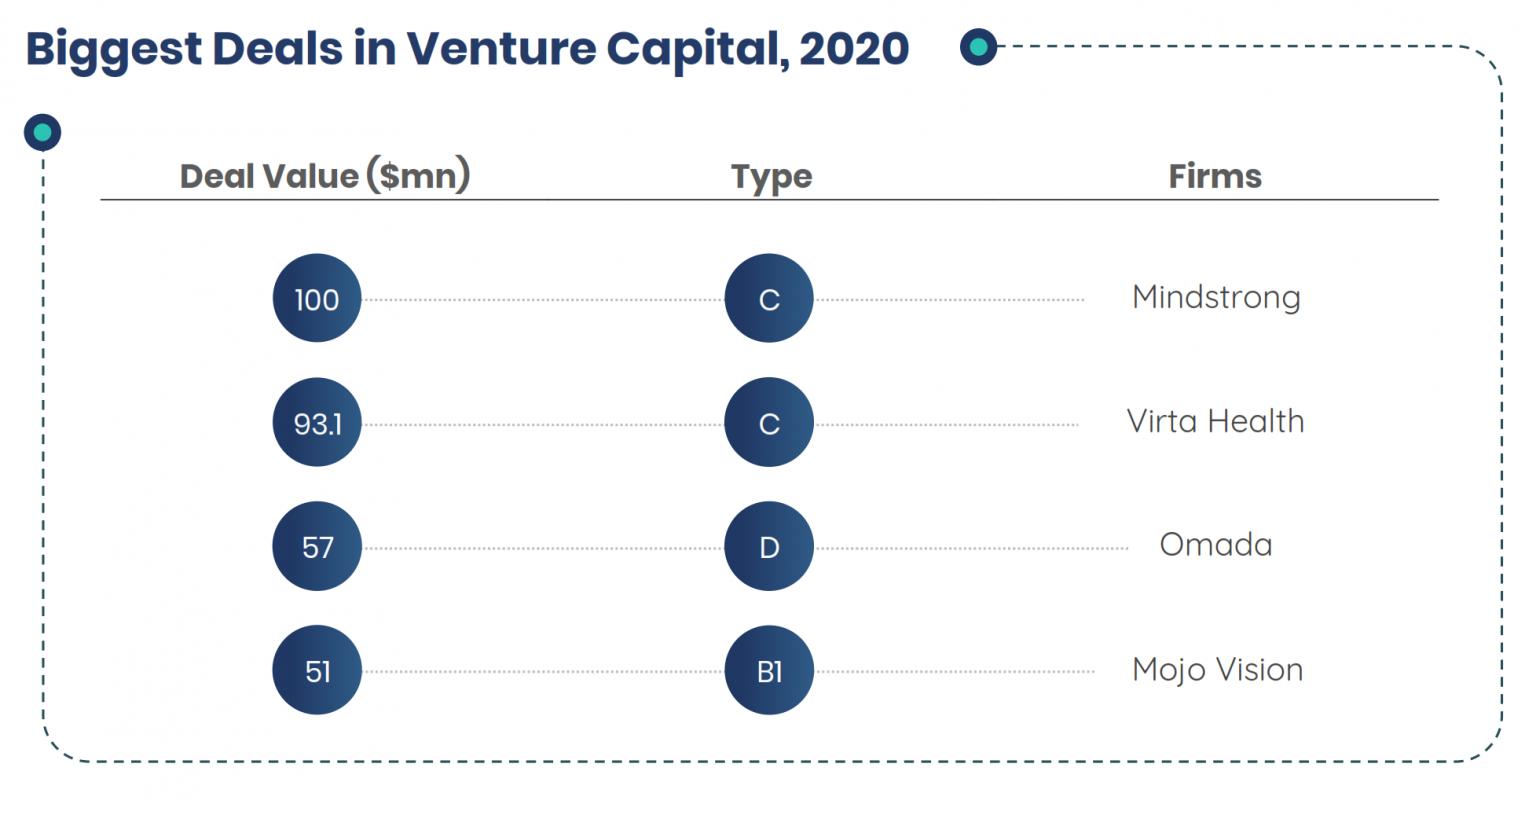 Biggest Deals in Venture Capital, 2020